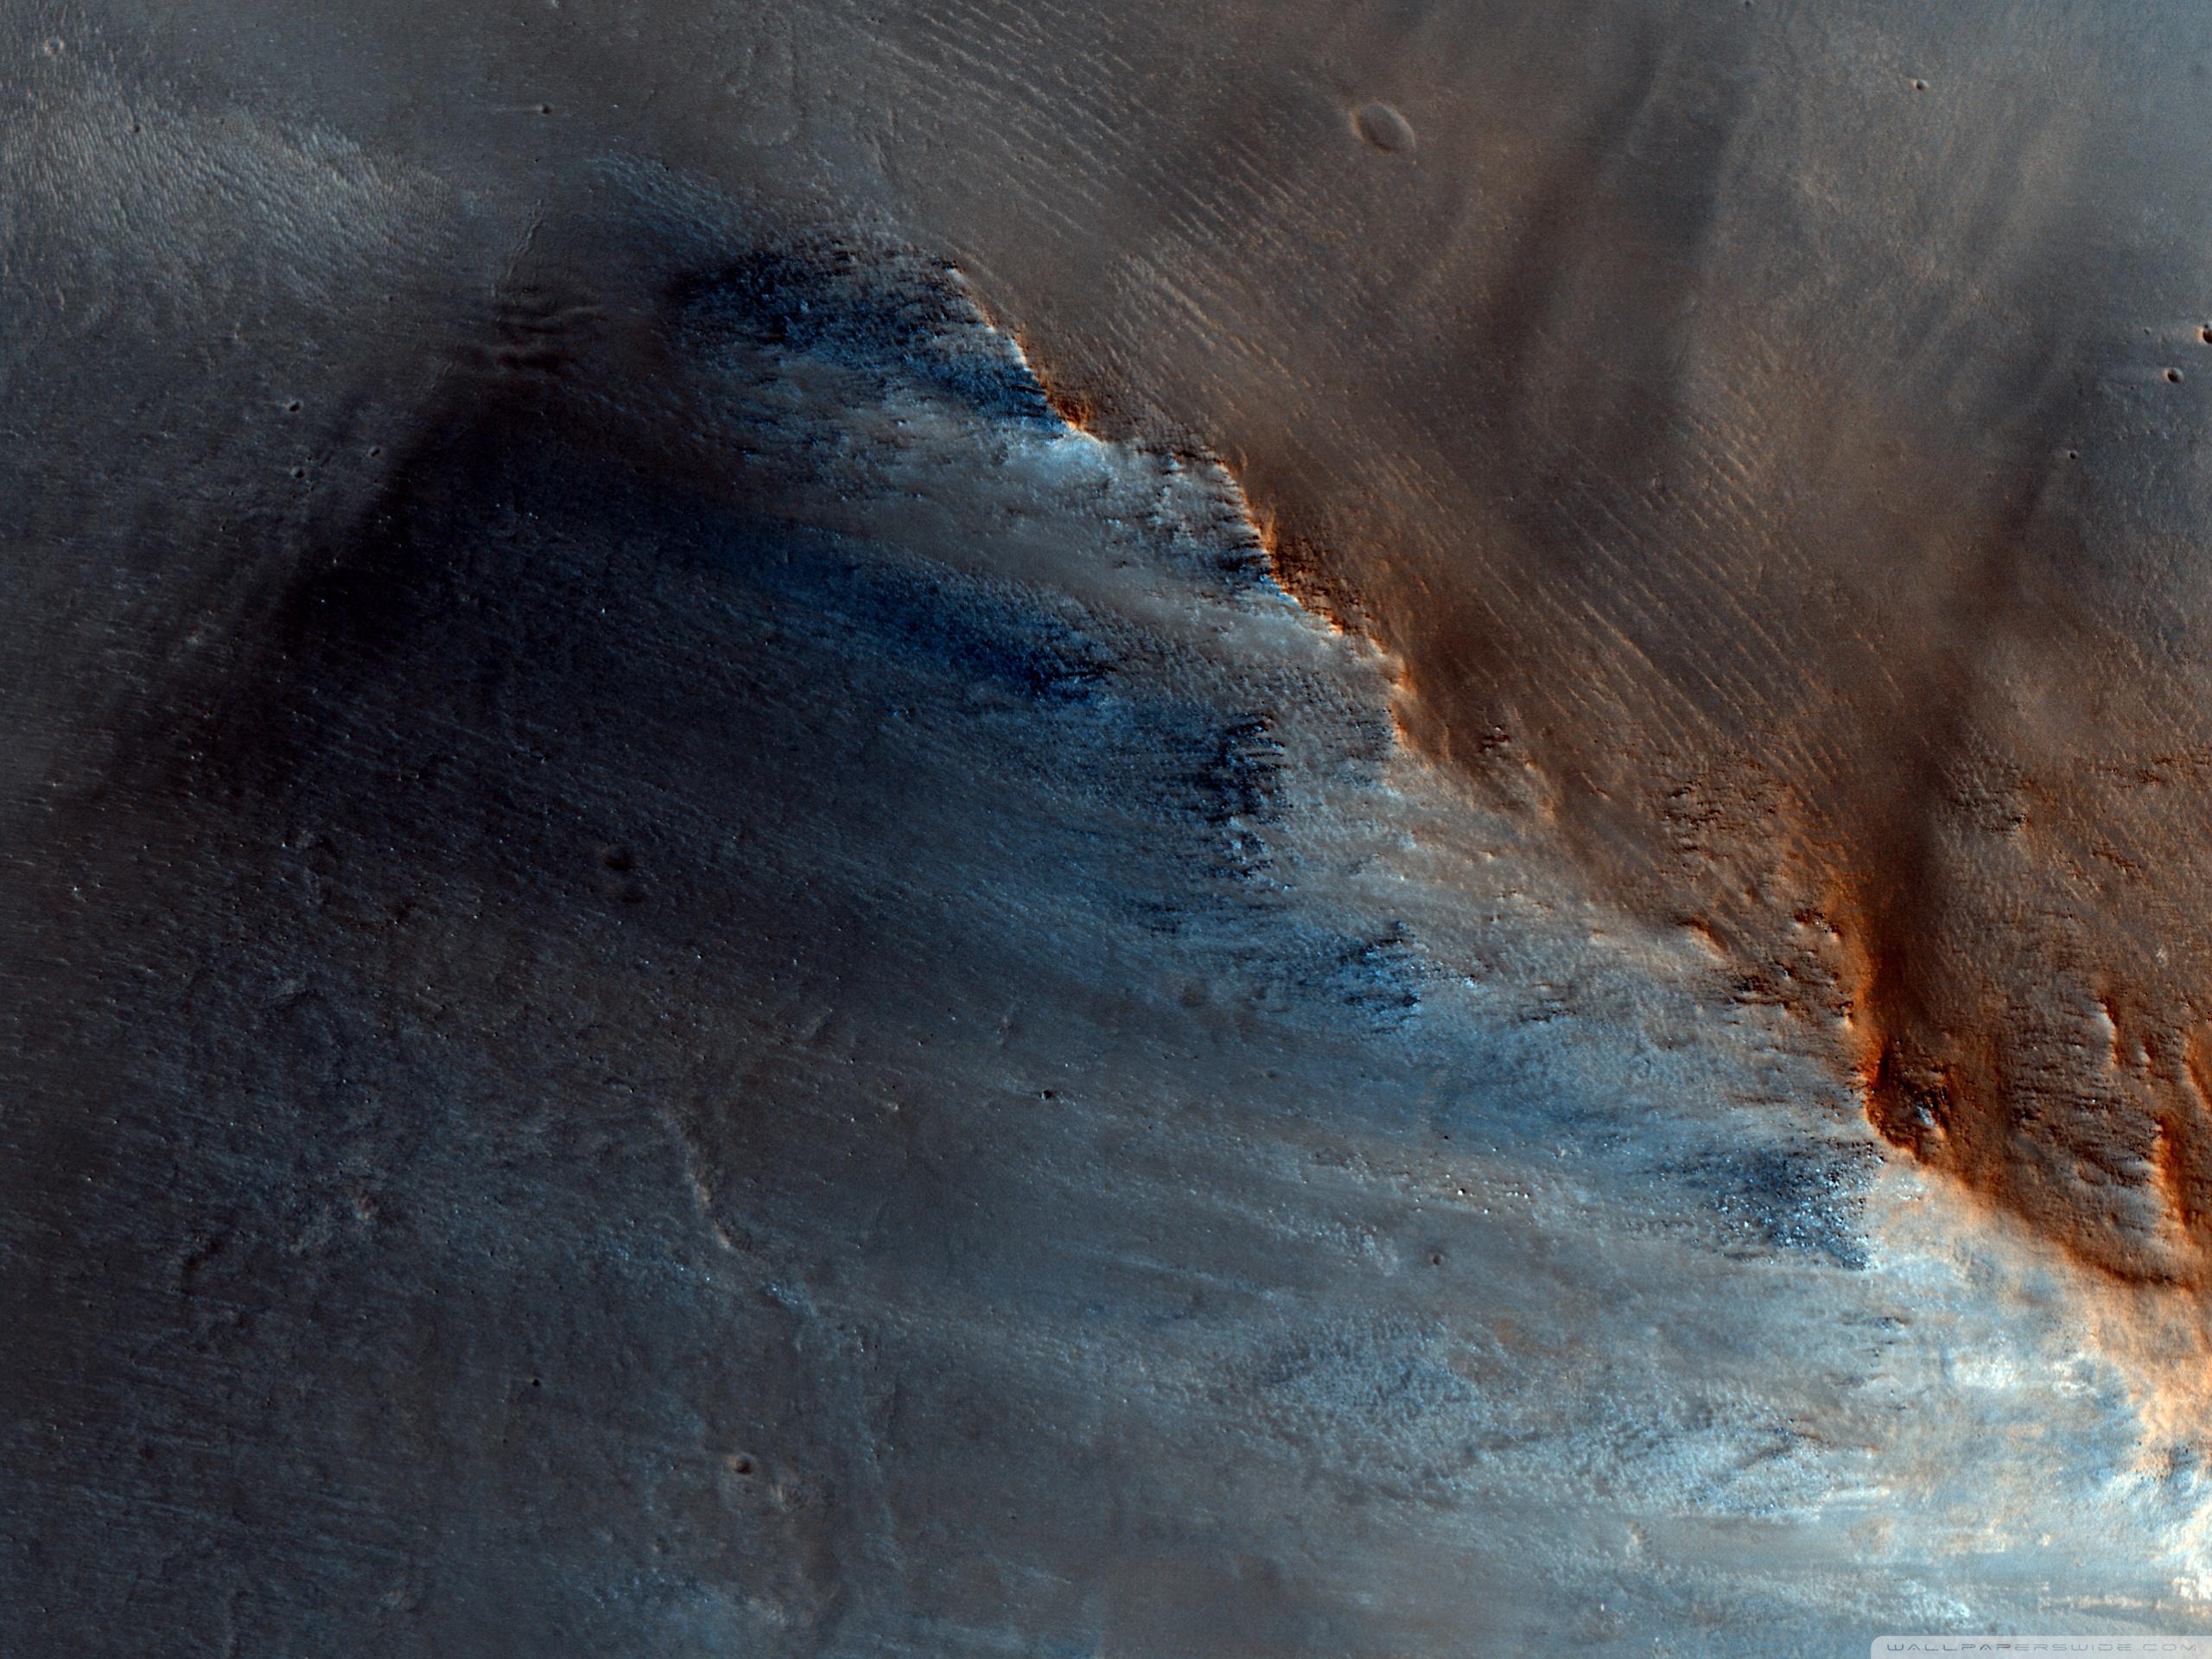 Download Free WallpaperDark Spot   Mars Nasa